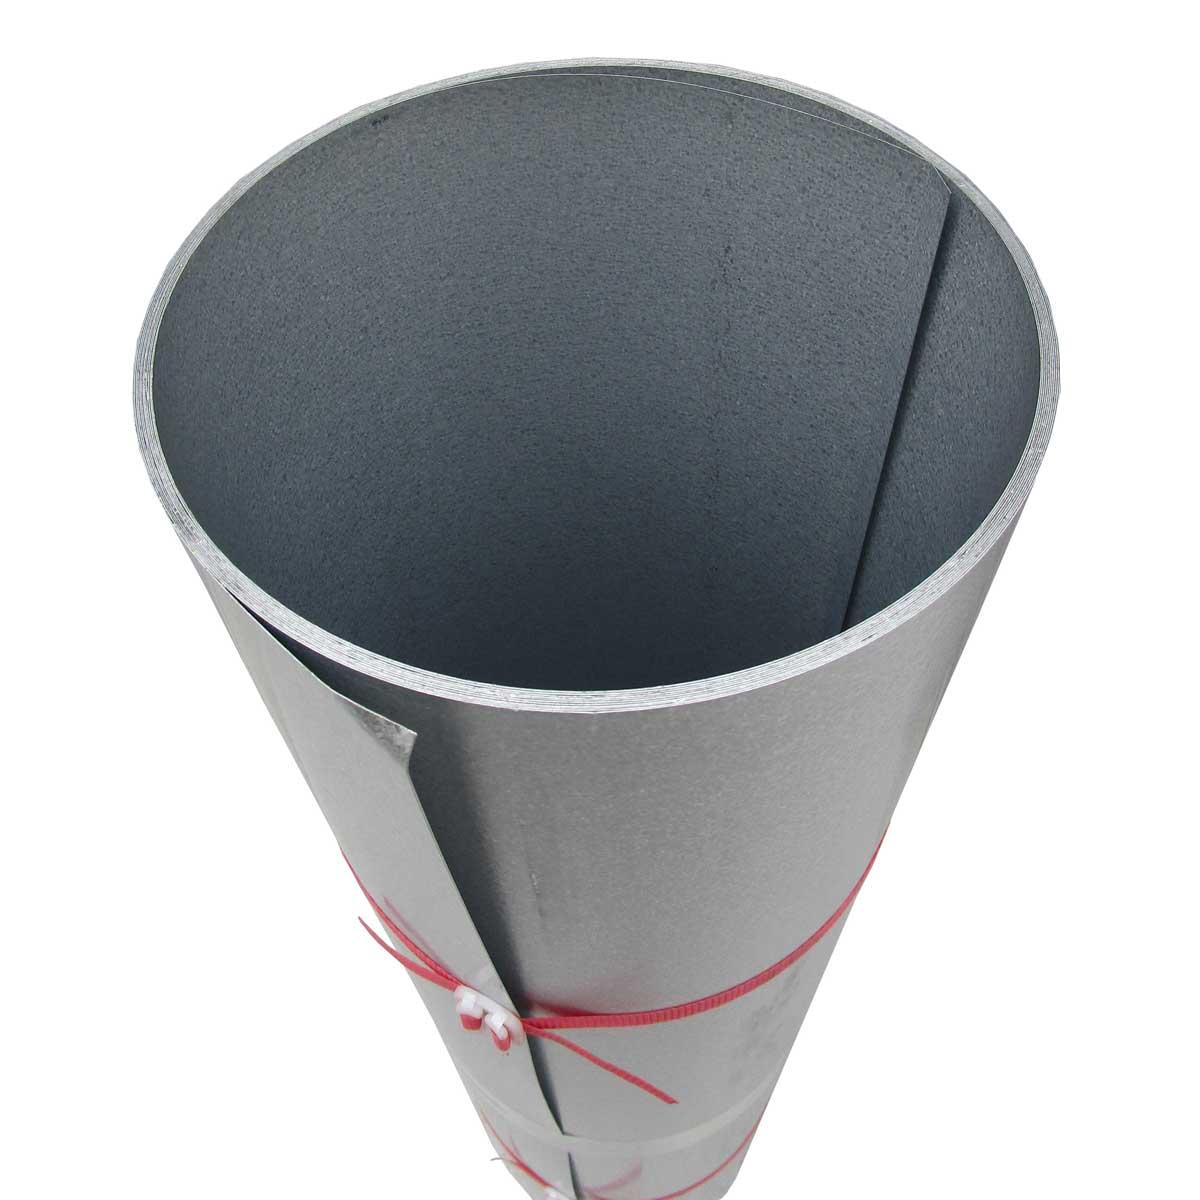 ガルバリウム鋼板生地(素地) カットコイル 厚み:0.3 幅:約914mm 長さ:10m巻き ガルバ生地